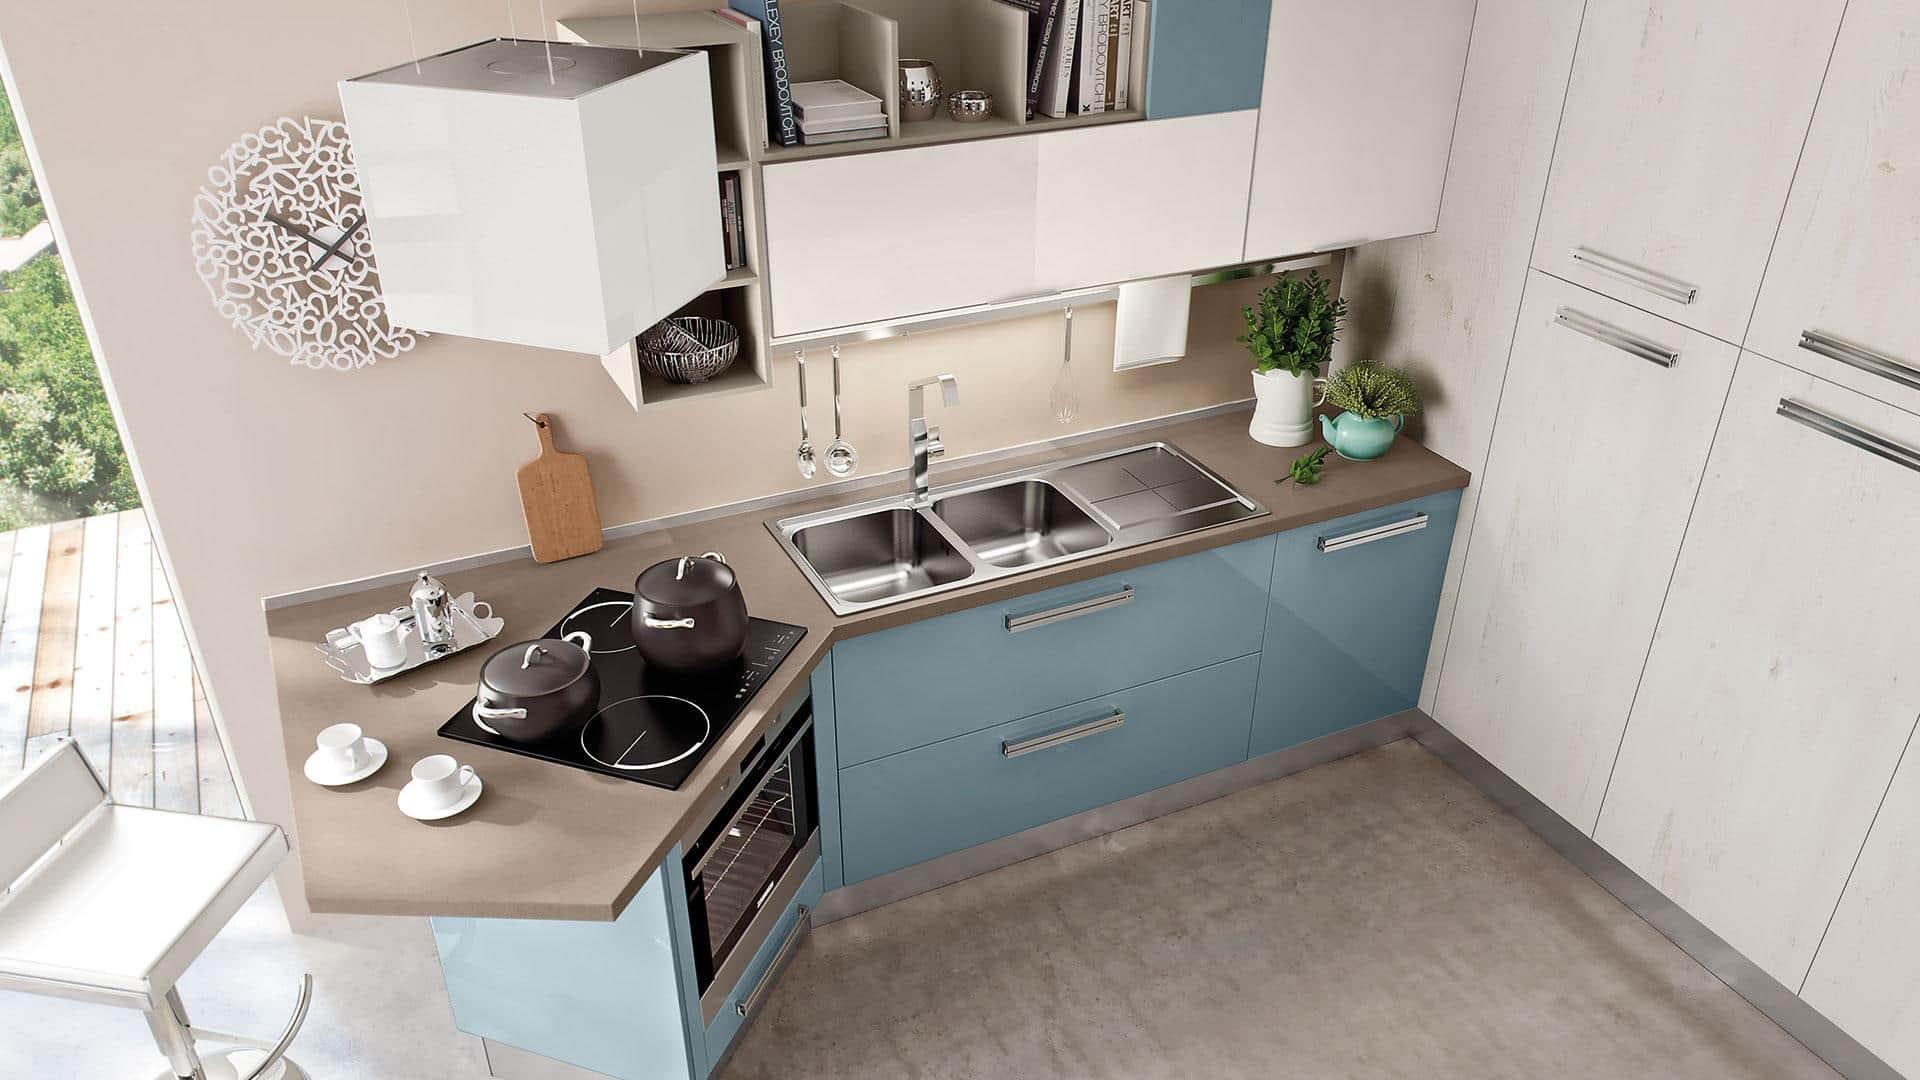 Piccole cucine moderne e componibili e con isola a padova - Cucine di piccole dimensioni ...